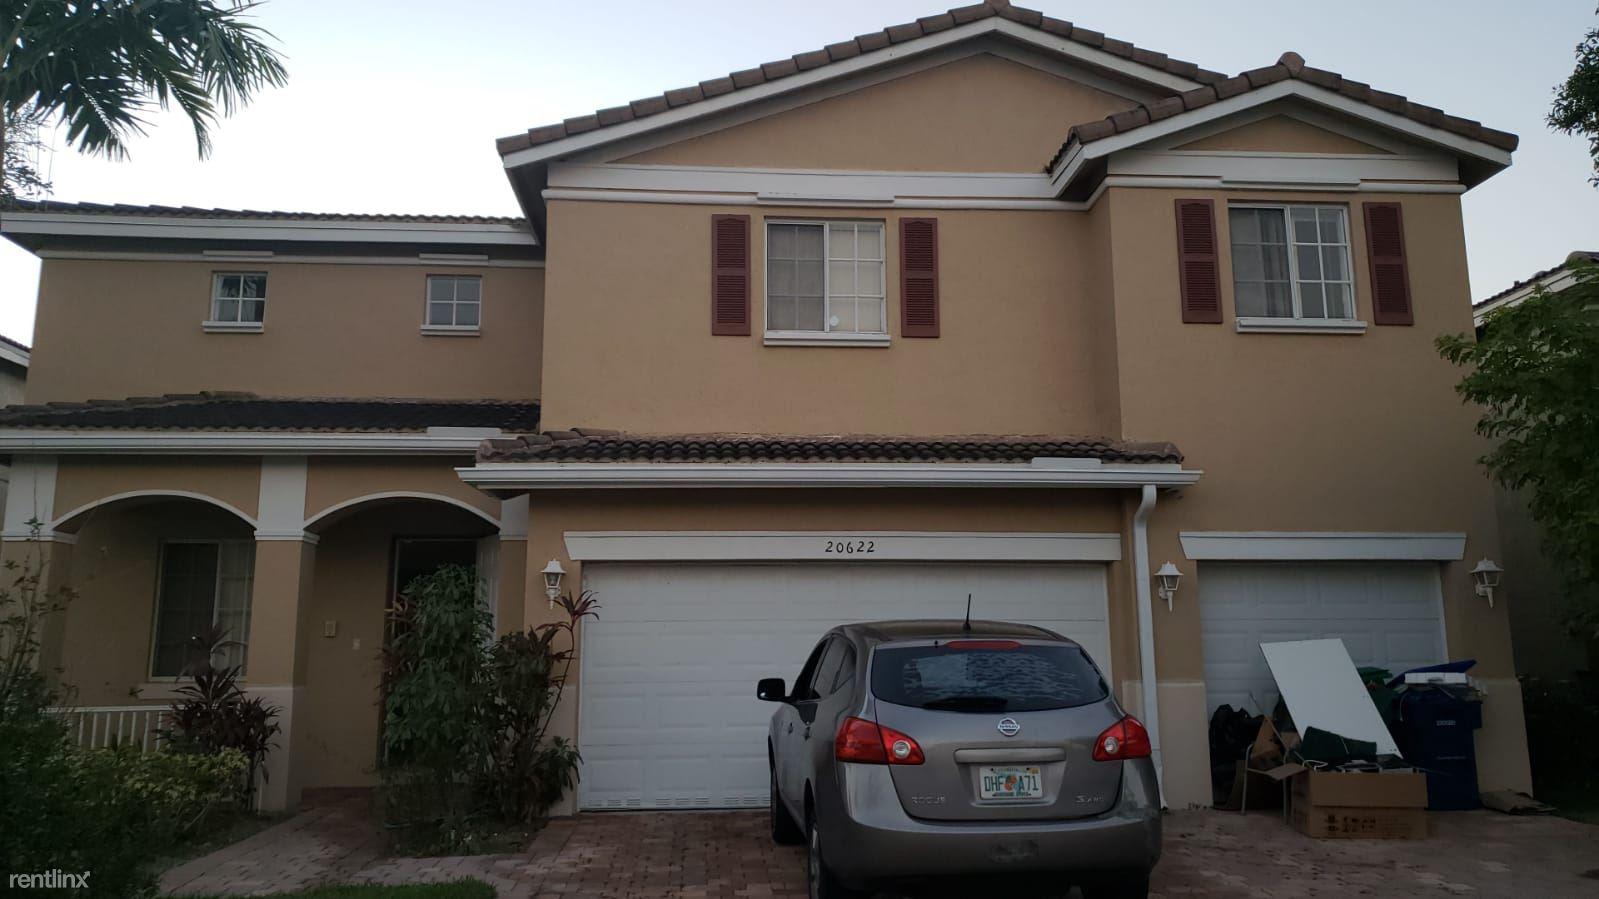 20622 NW 10th Ave, Miami Gardens, FL - $3,175